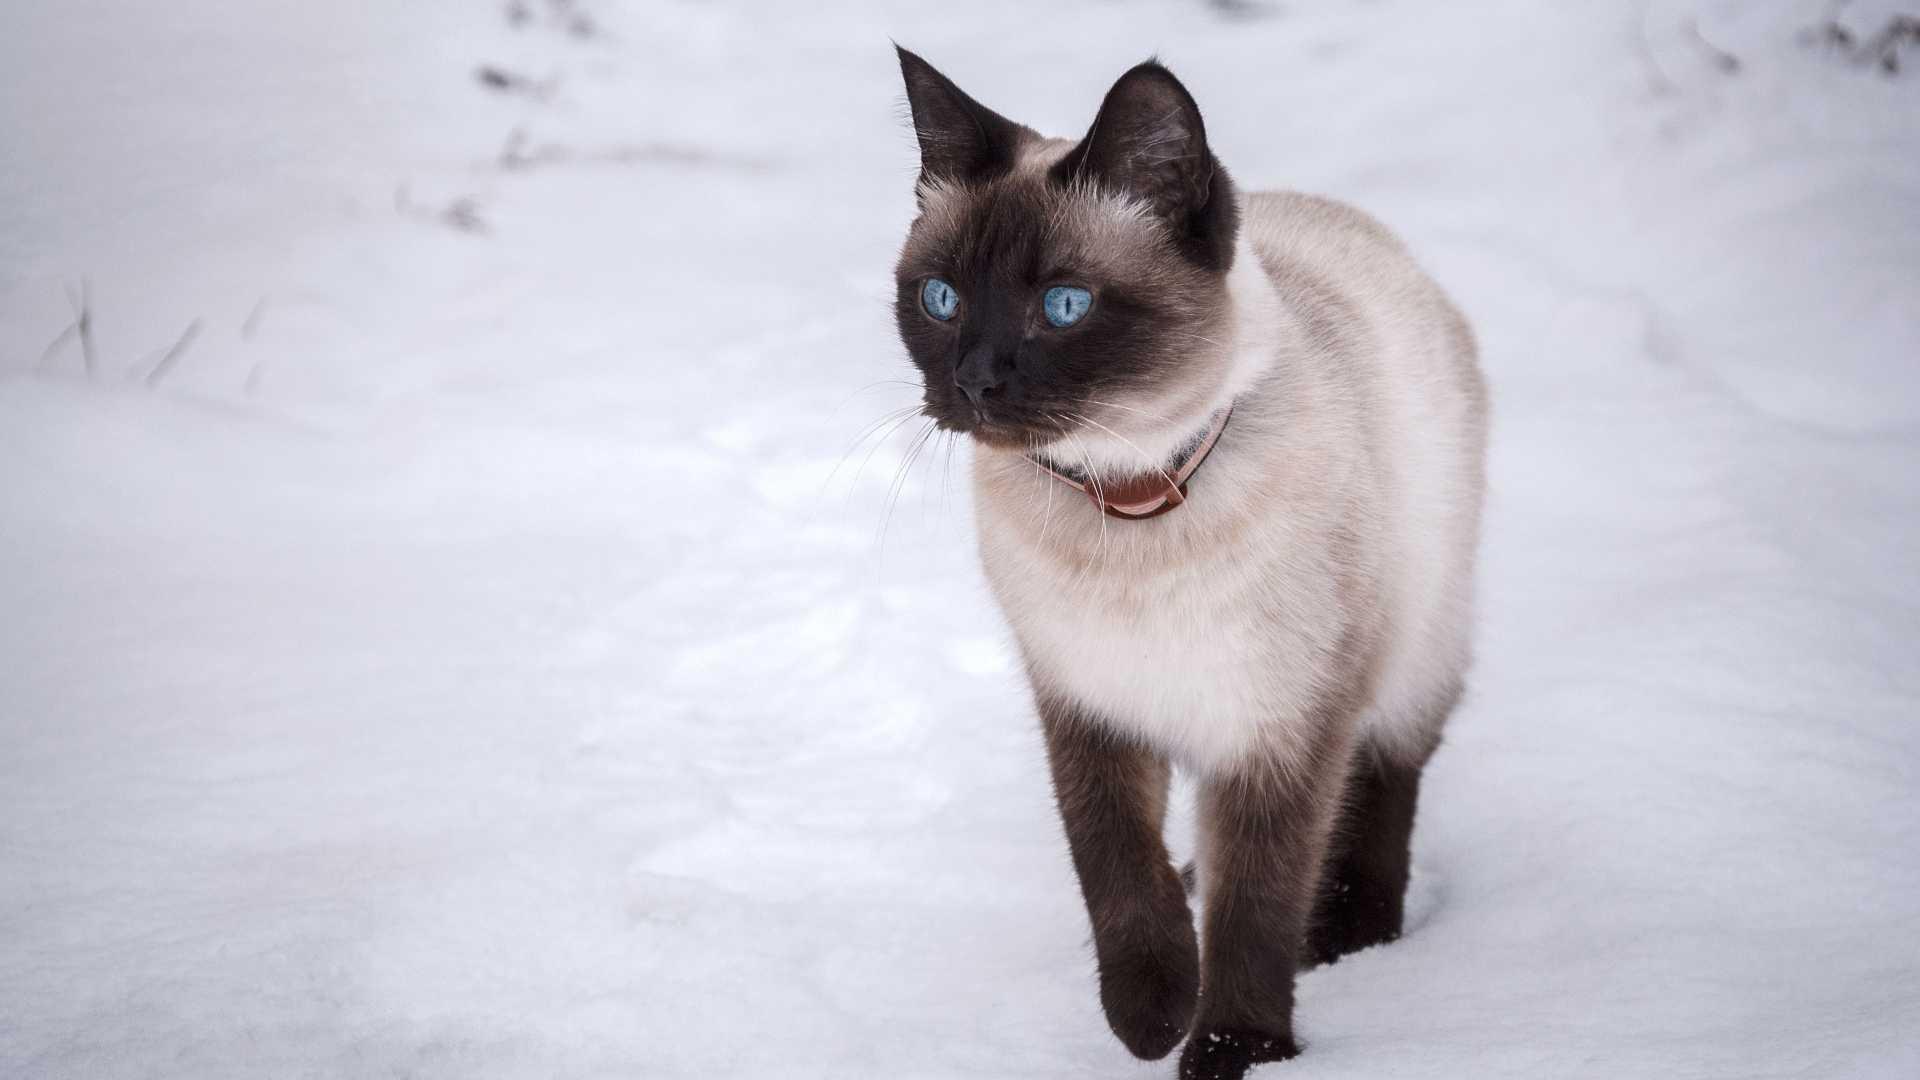 Раскрашиваем котика. Откуда берутся цвета и узоры на кошачьей шкуре